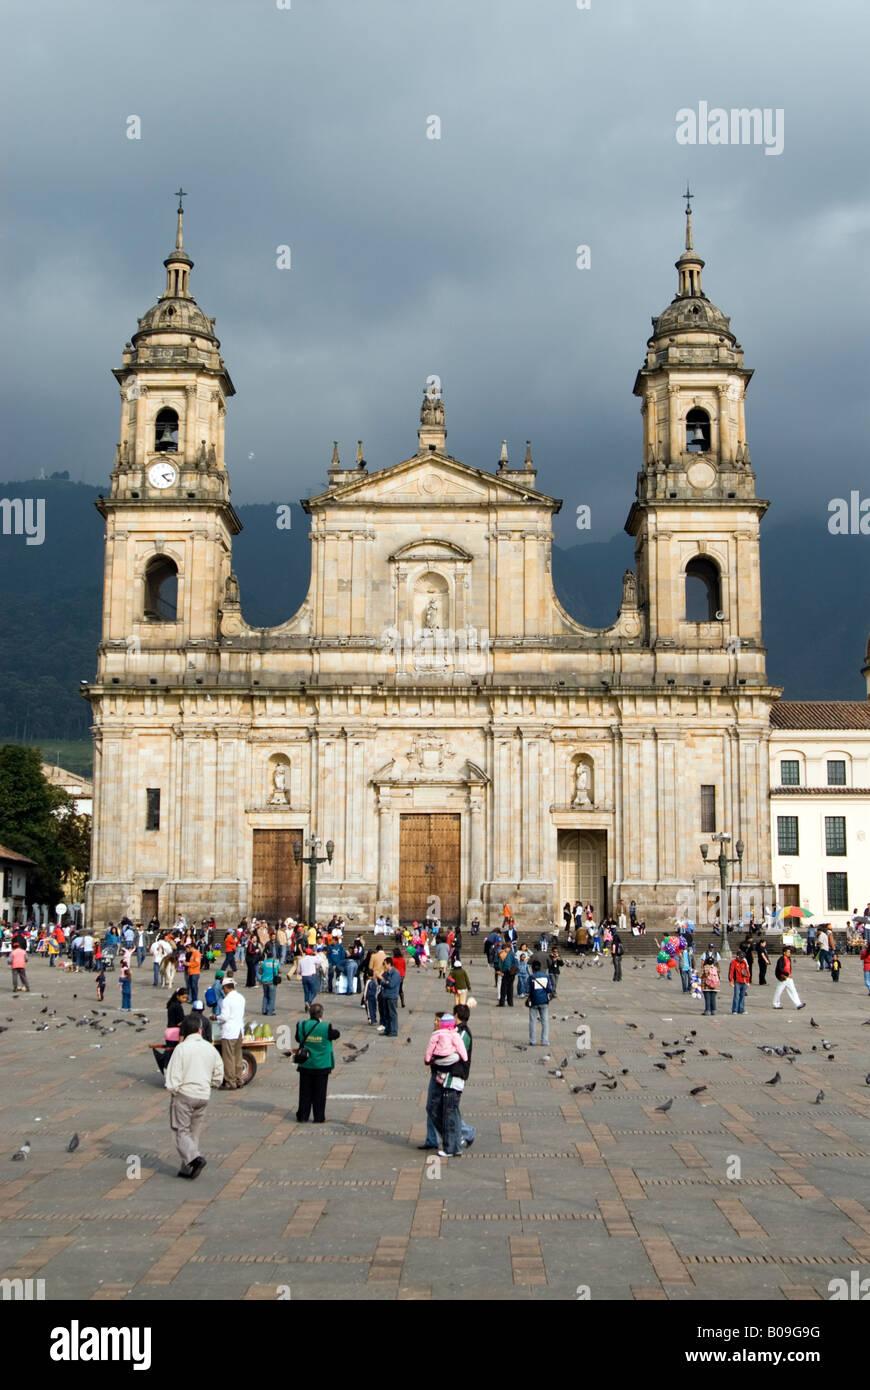 Catedral Primada sulla Plaza de Bolivar di Bogotà, Colombia Immagini Stock